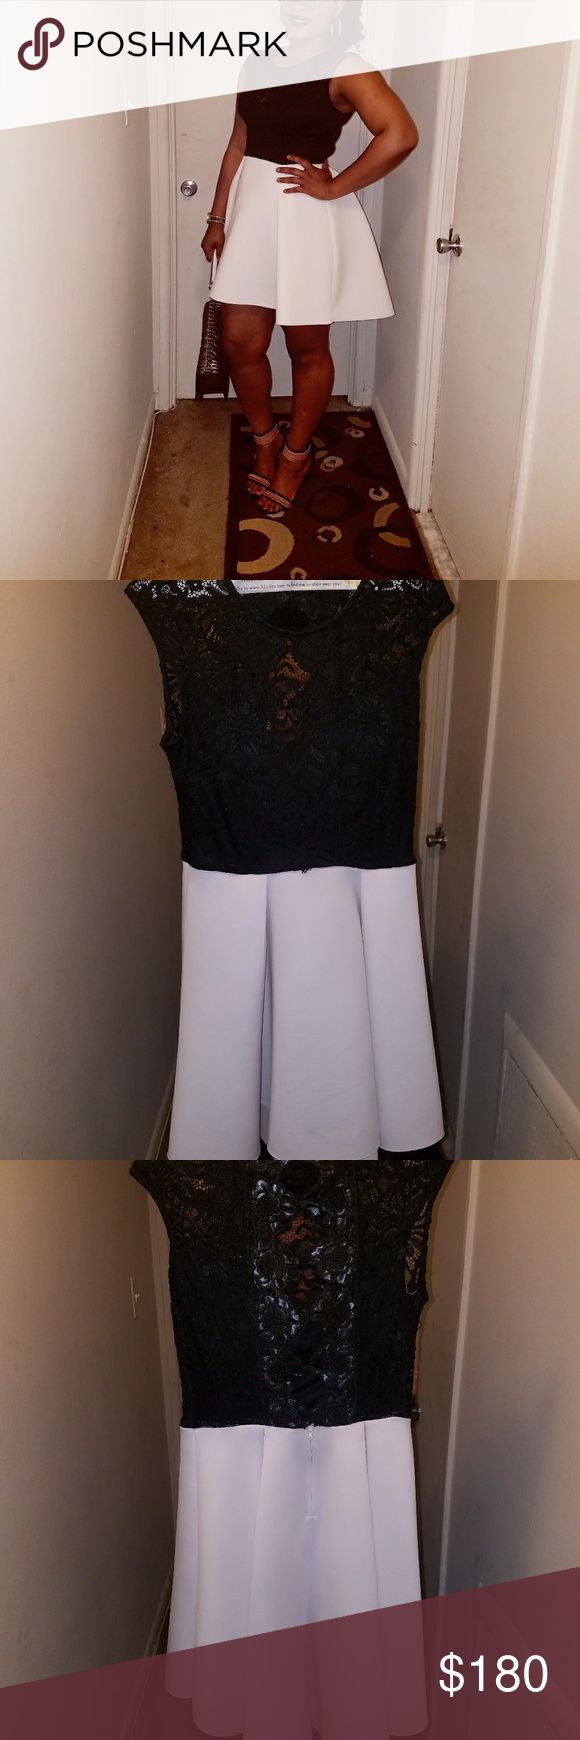 Sexy gown for ladies Sexy gown for ladies B. Darlin Dresses Mini